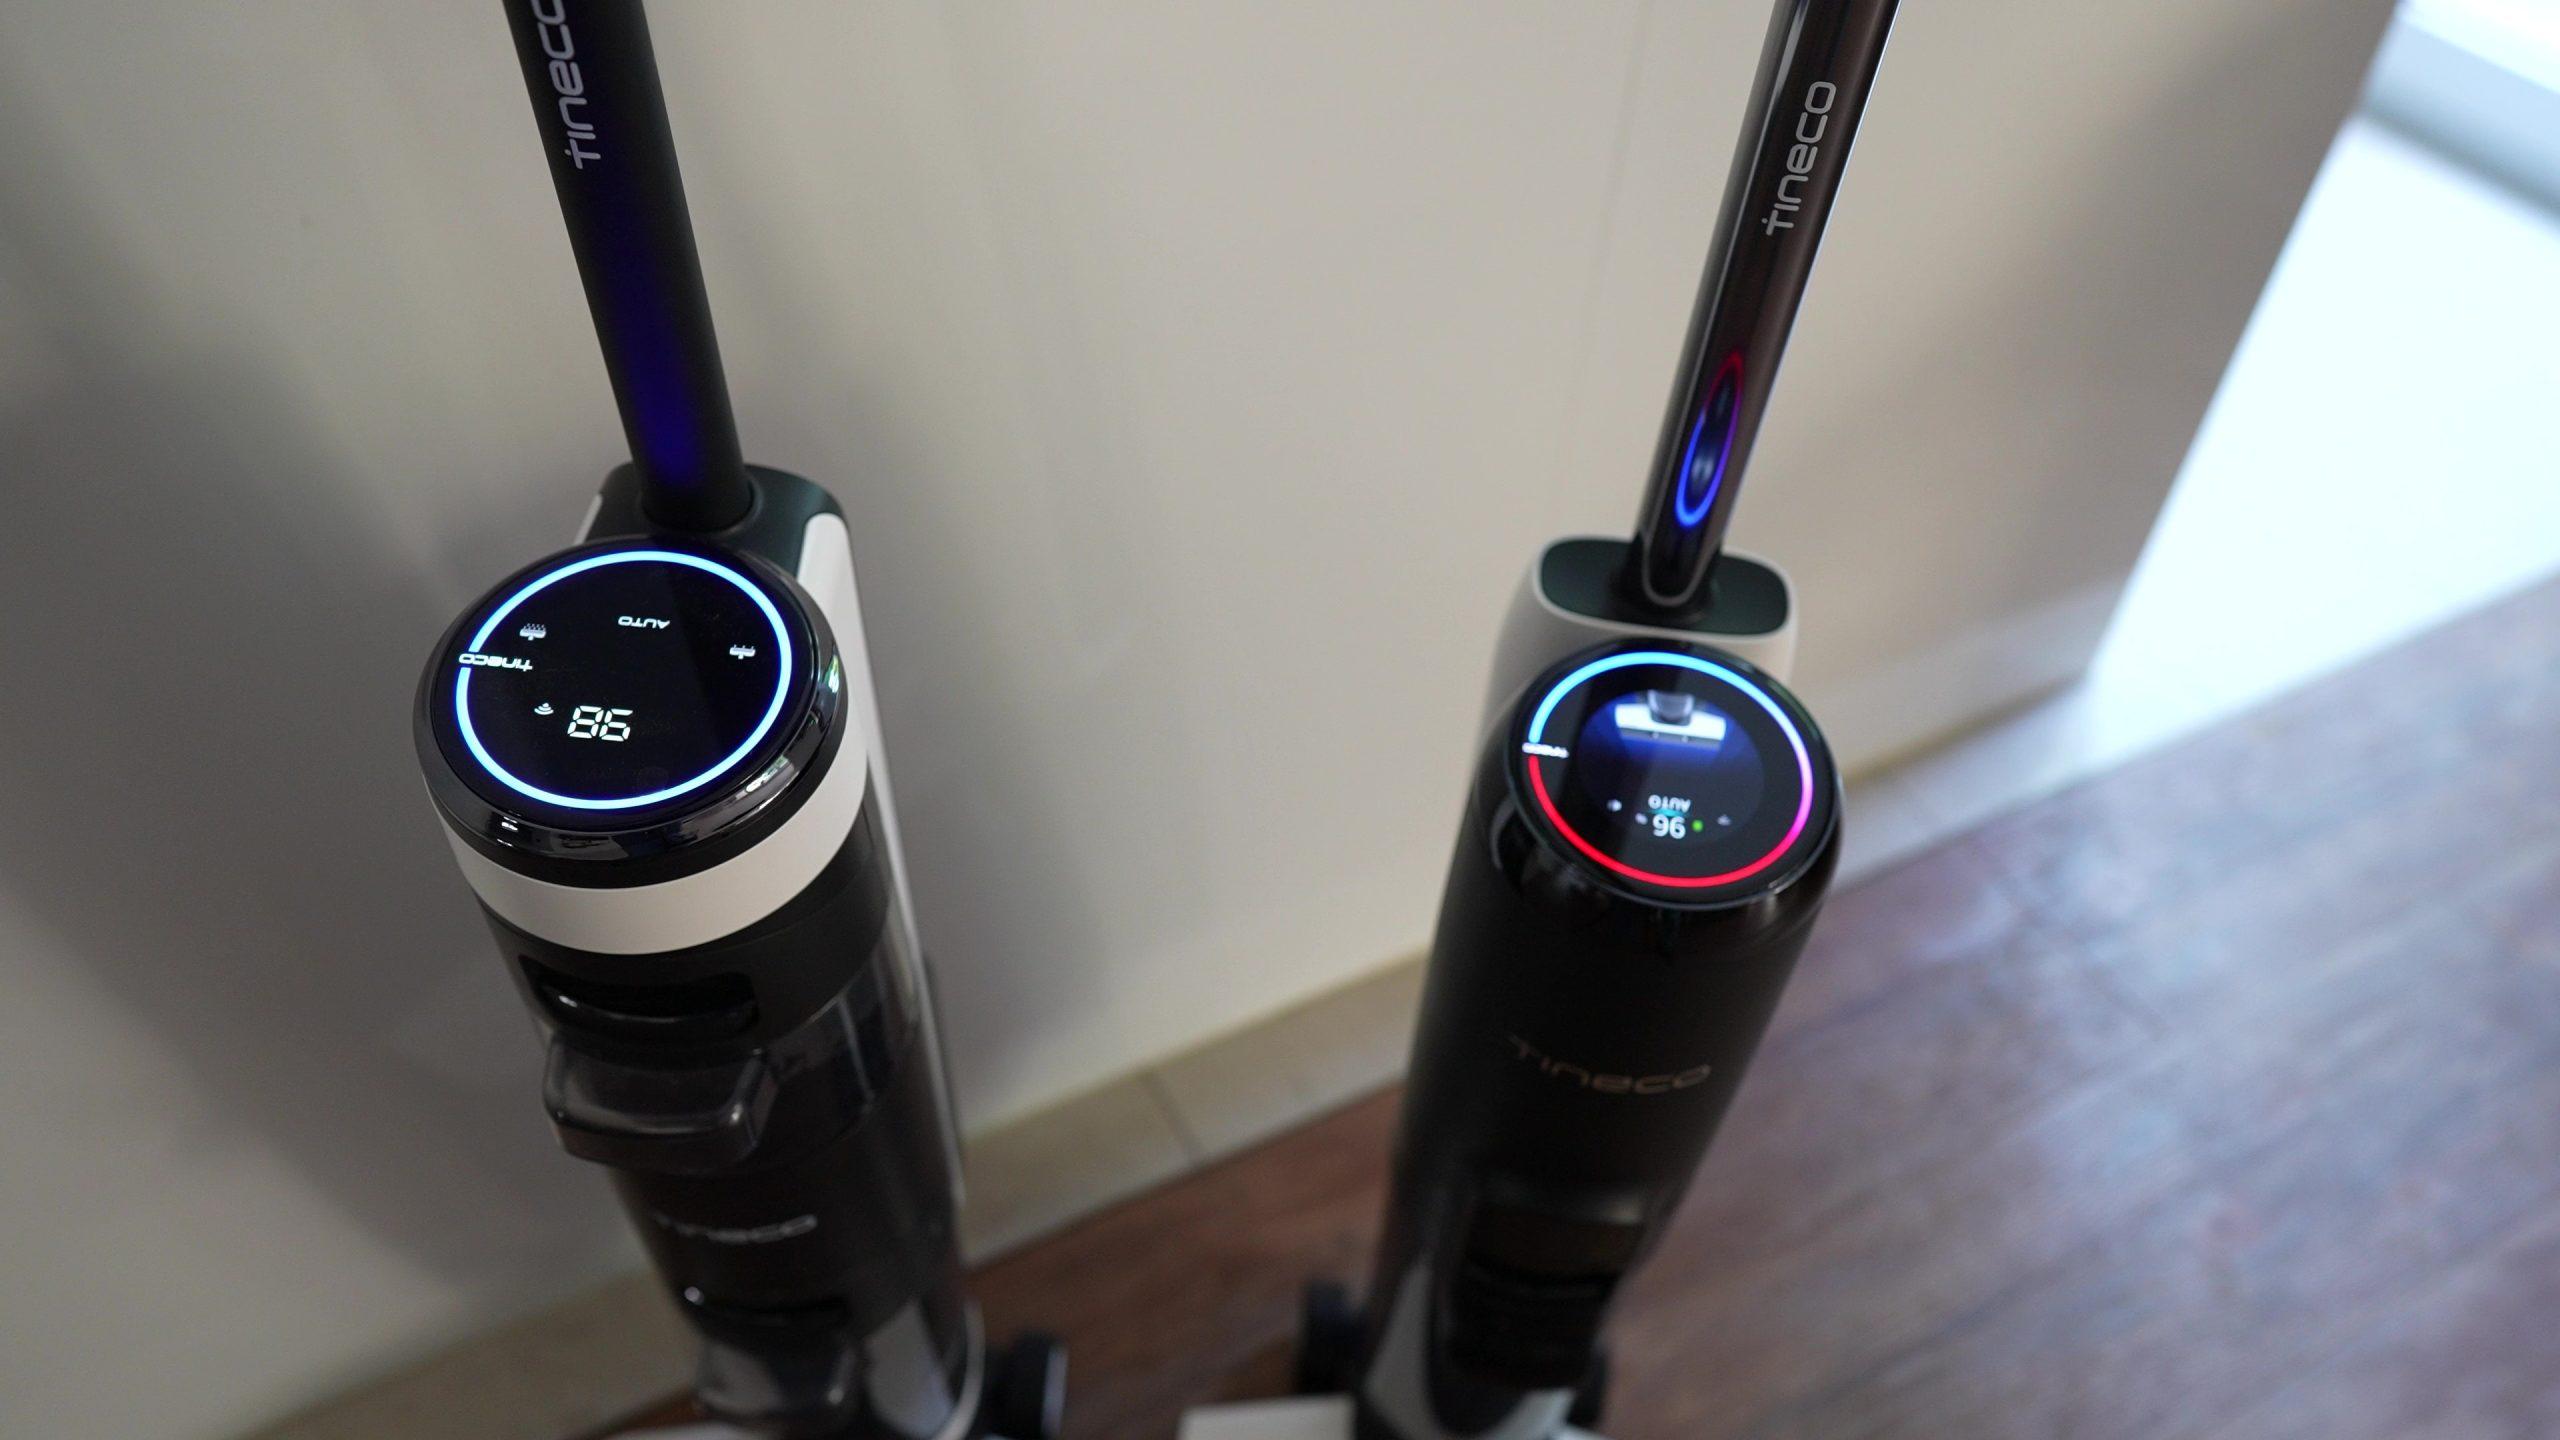 Tineco Floor One S5 Pro Wischsauger Akkusauger Display Vergleich Vorgängermodell